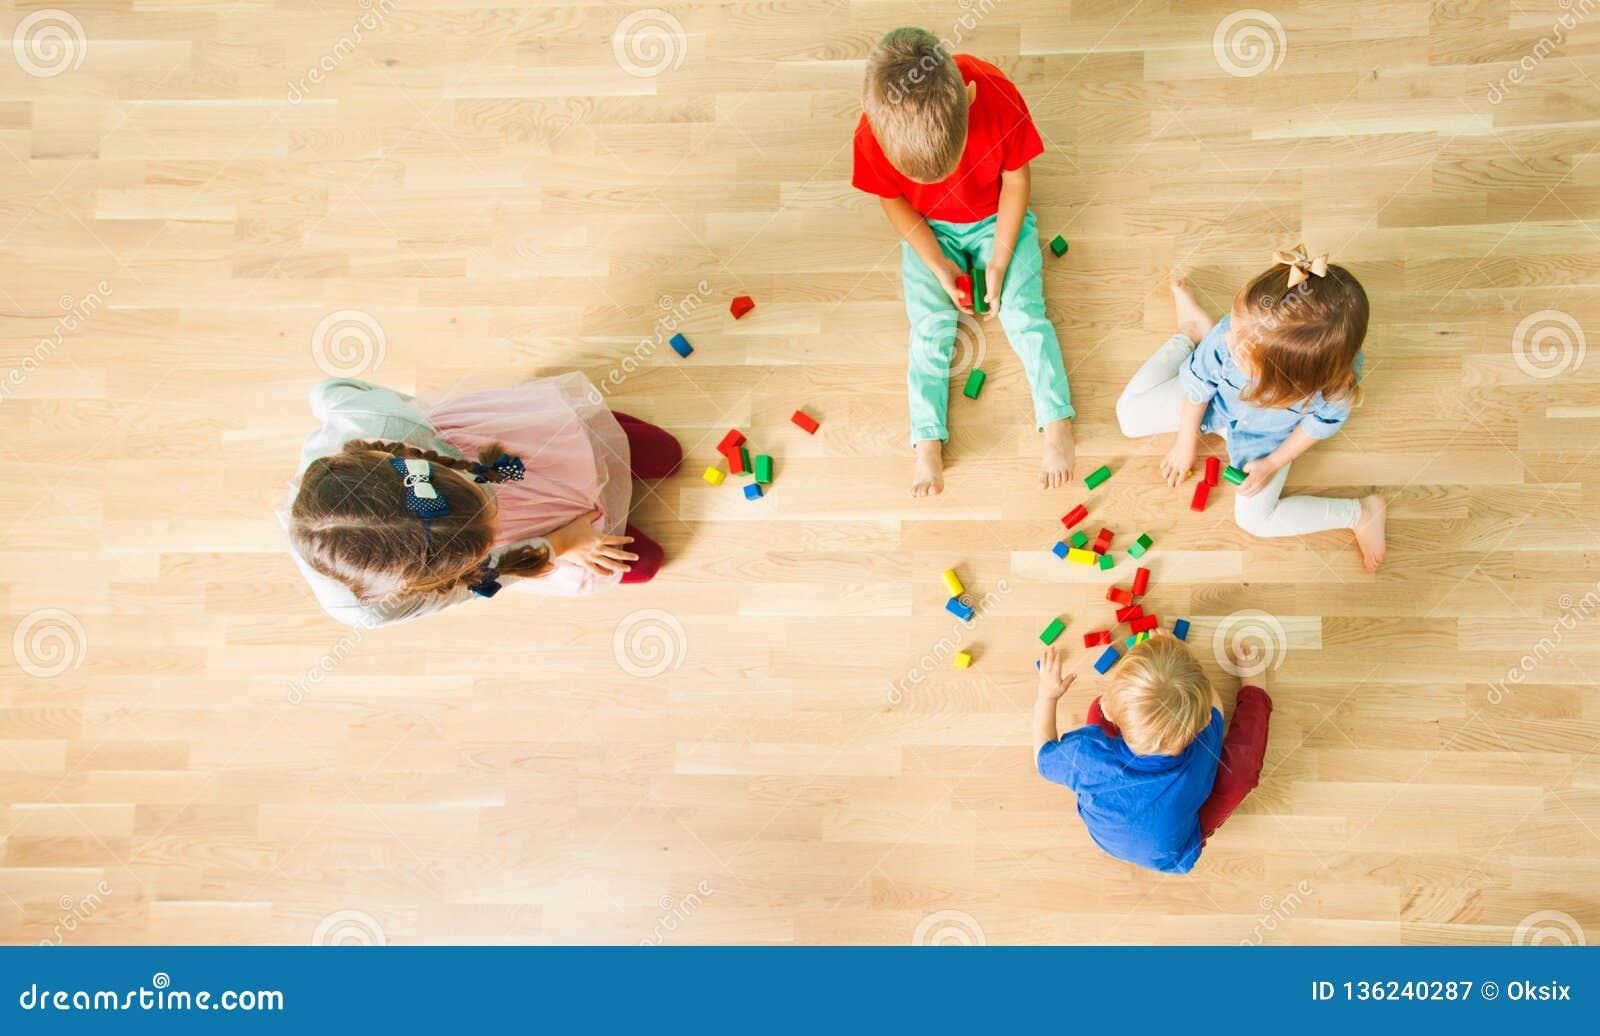 Draufsicht von vier Kindern, die aus Holzklötzen konstruieren